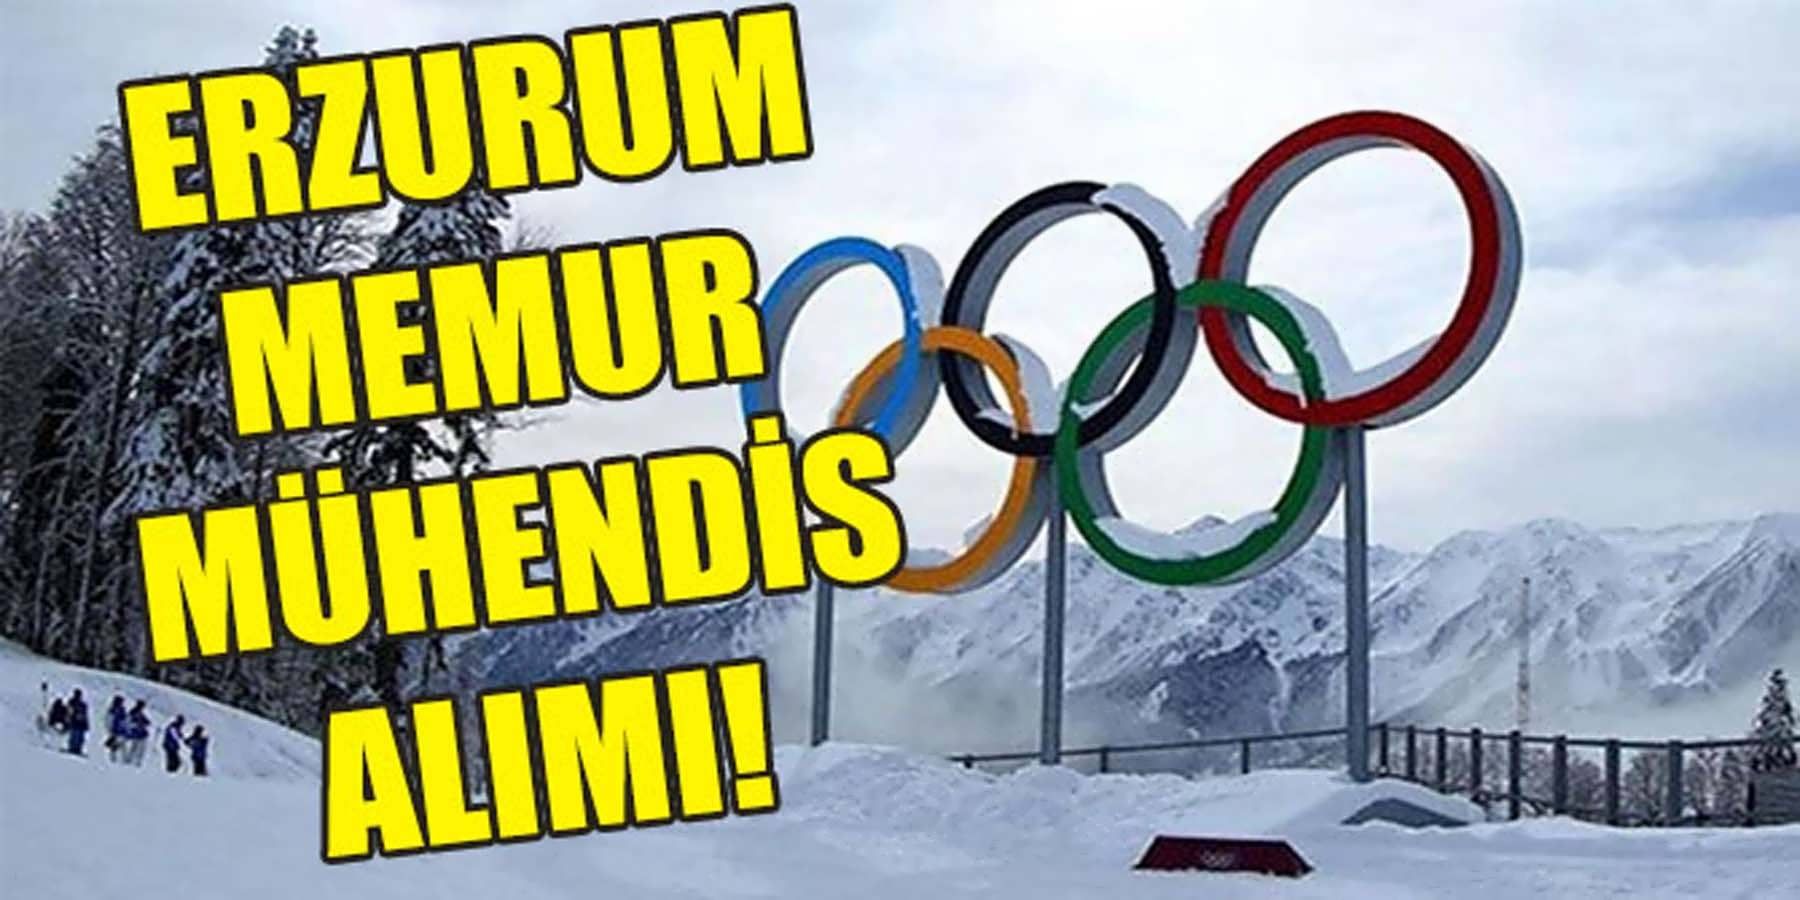 Erzurum Memur (Harita Mühendis) Alımı